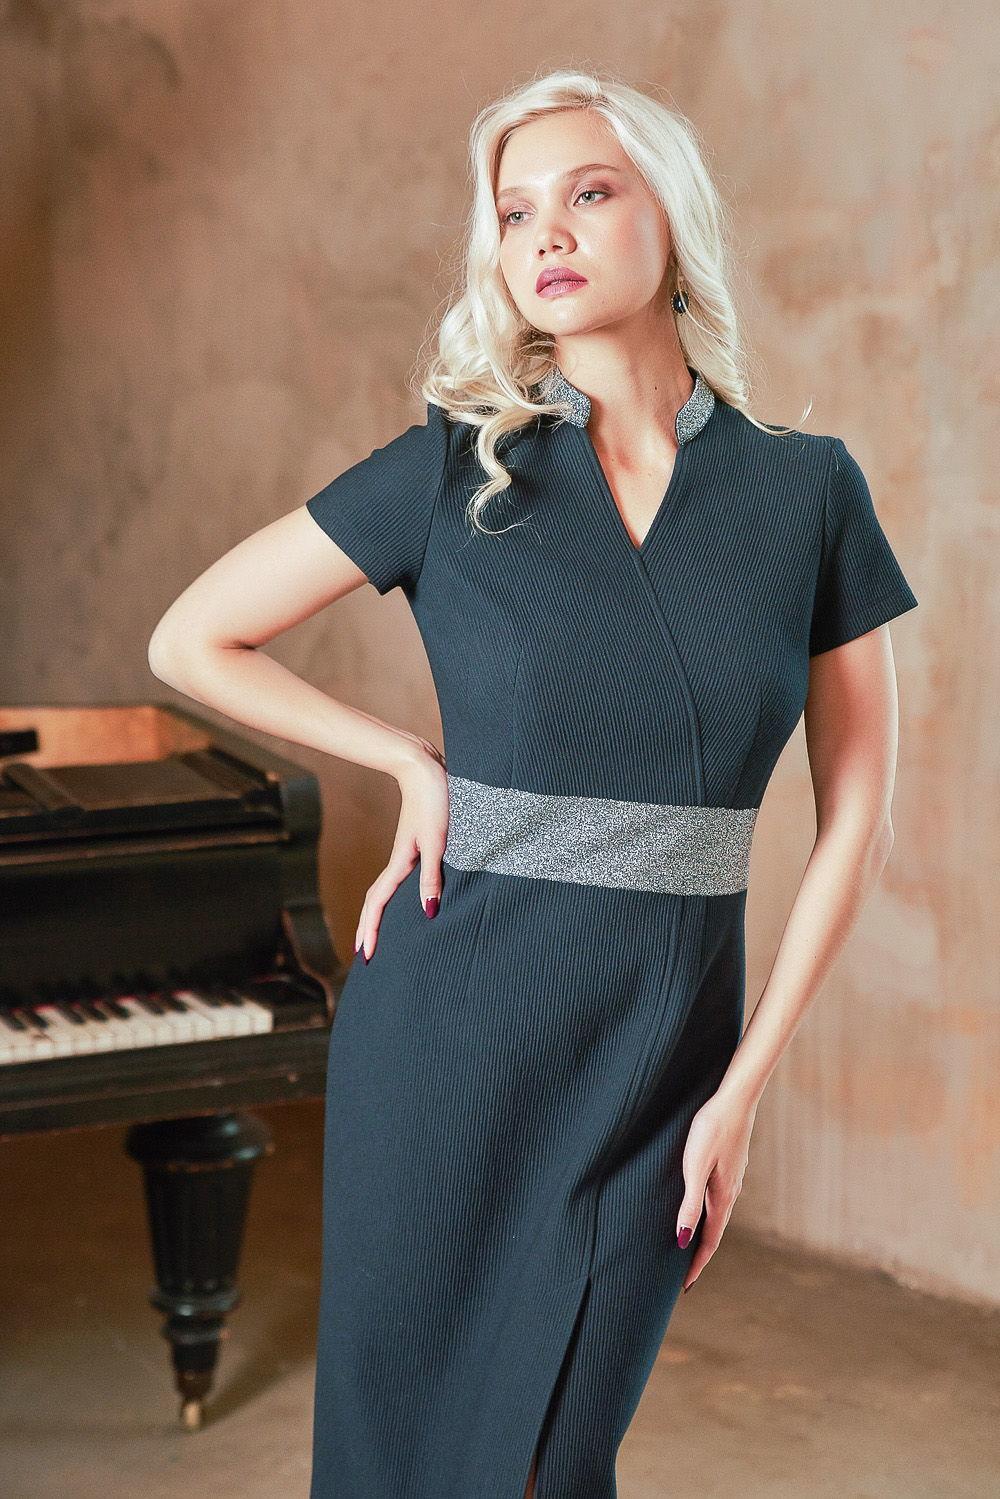 Платье З415-213 - Трикотажное практичное платье сдержанного стального цвета с оригинальным геометрическим узором. Прилегающий силуэт, скромный вырез горловины, рукав ¾, длина на ладонь выше колена – все продумано, чтобы максимально тонко подчеркнуть вашу женственность.Секрет восхитительного мерцания платья создан вплетением блестящих металлических нитей. Платье выглядят красиво и дорого.Другим преимуществом является наличие хлопка в составе ткани. Натуральные волокна обладают прекрасными гигиеническими качествами. Они не вызывают раздражения кожи. Платье превосходно садится по фигуре и хорошо держит форму, не вытягиваются в носке. Трикотаж с блеском эластичен.Платье относится к стилю кэжуал-глэм и смотрится естественно и шикарно.